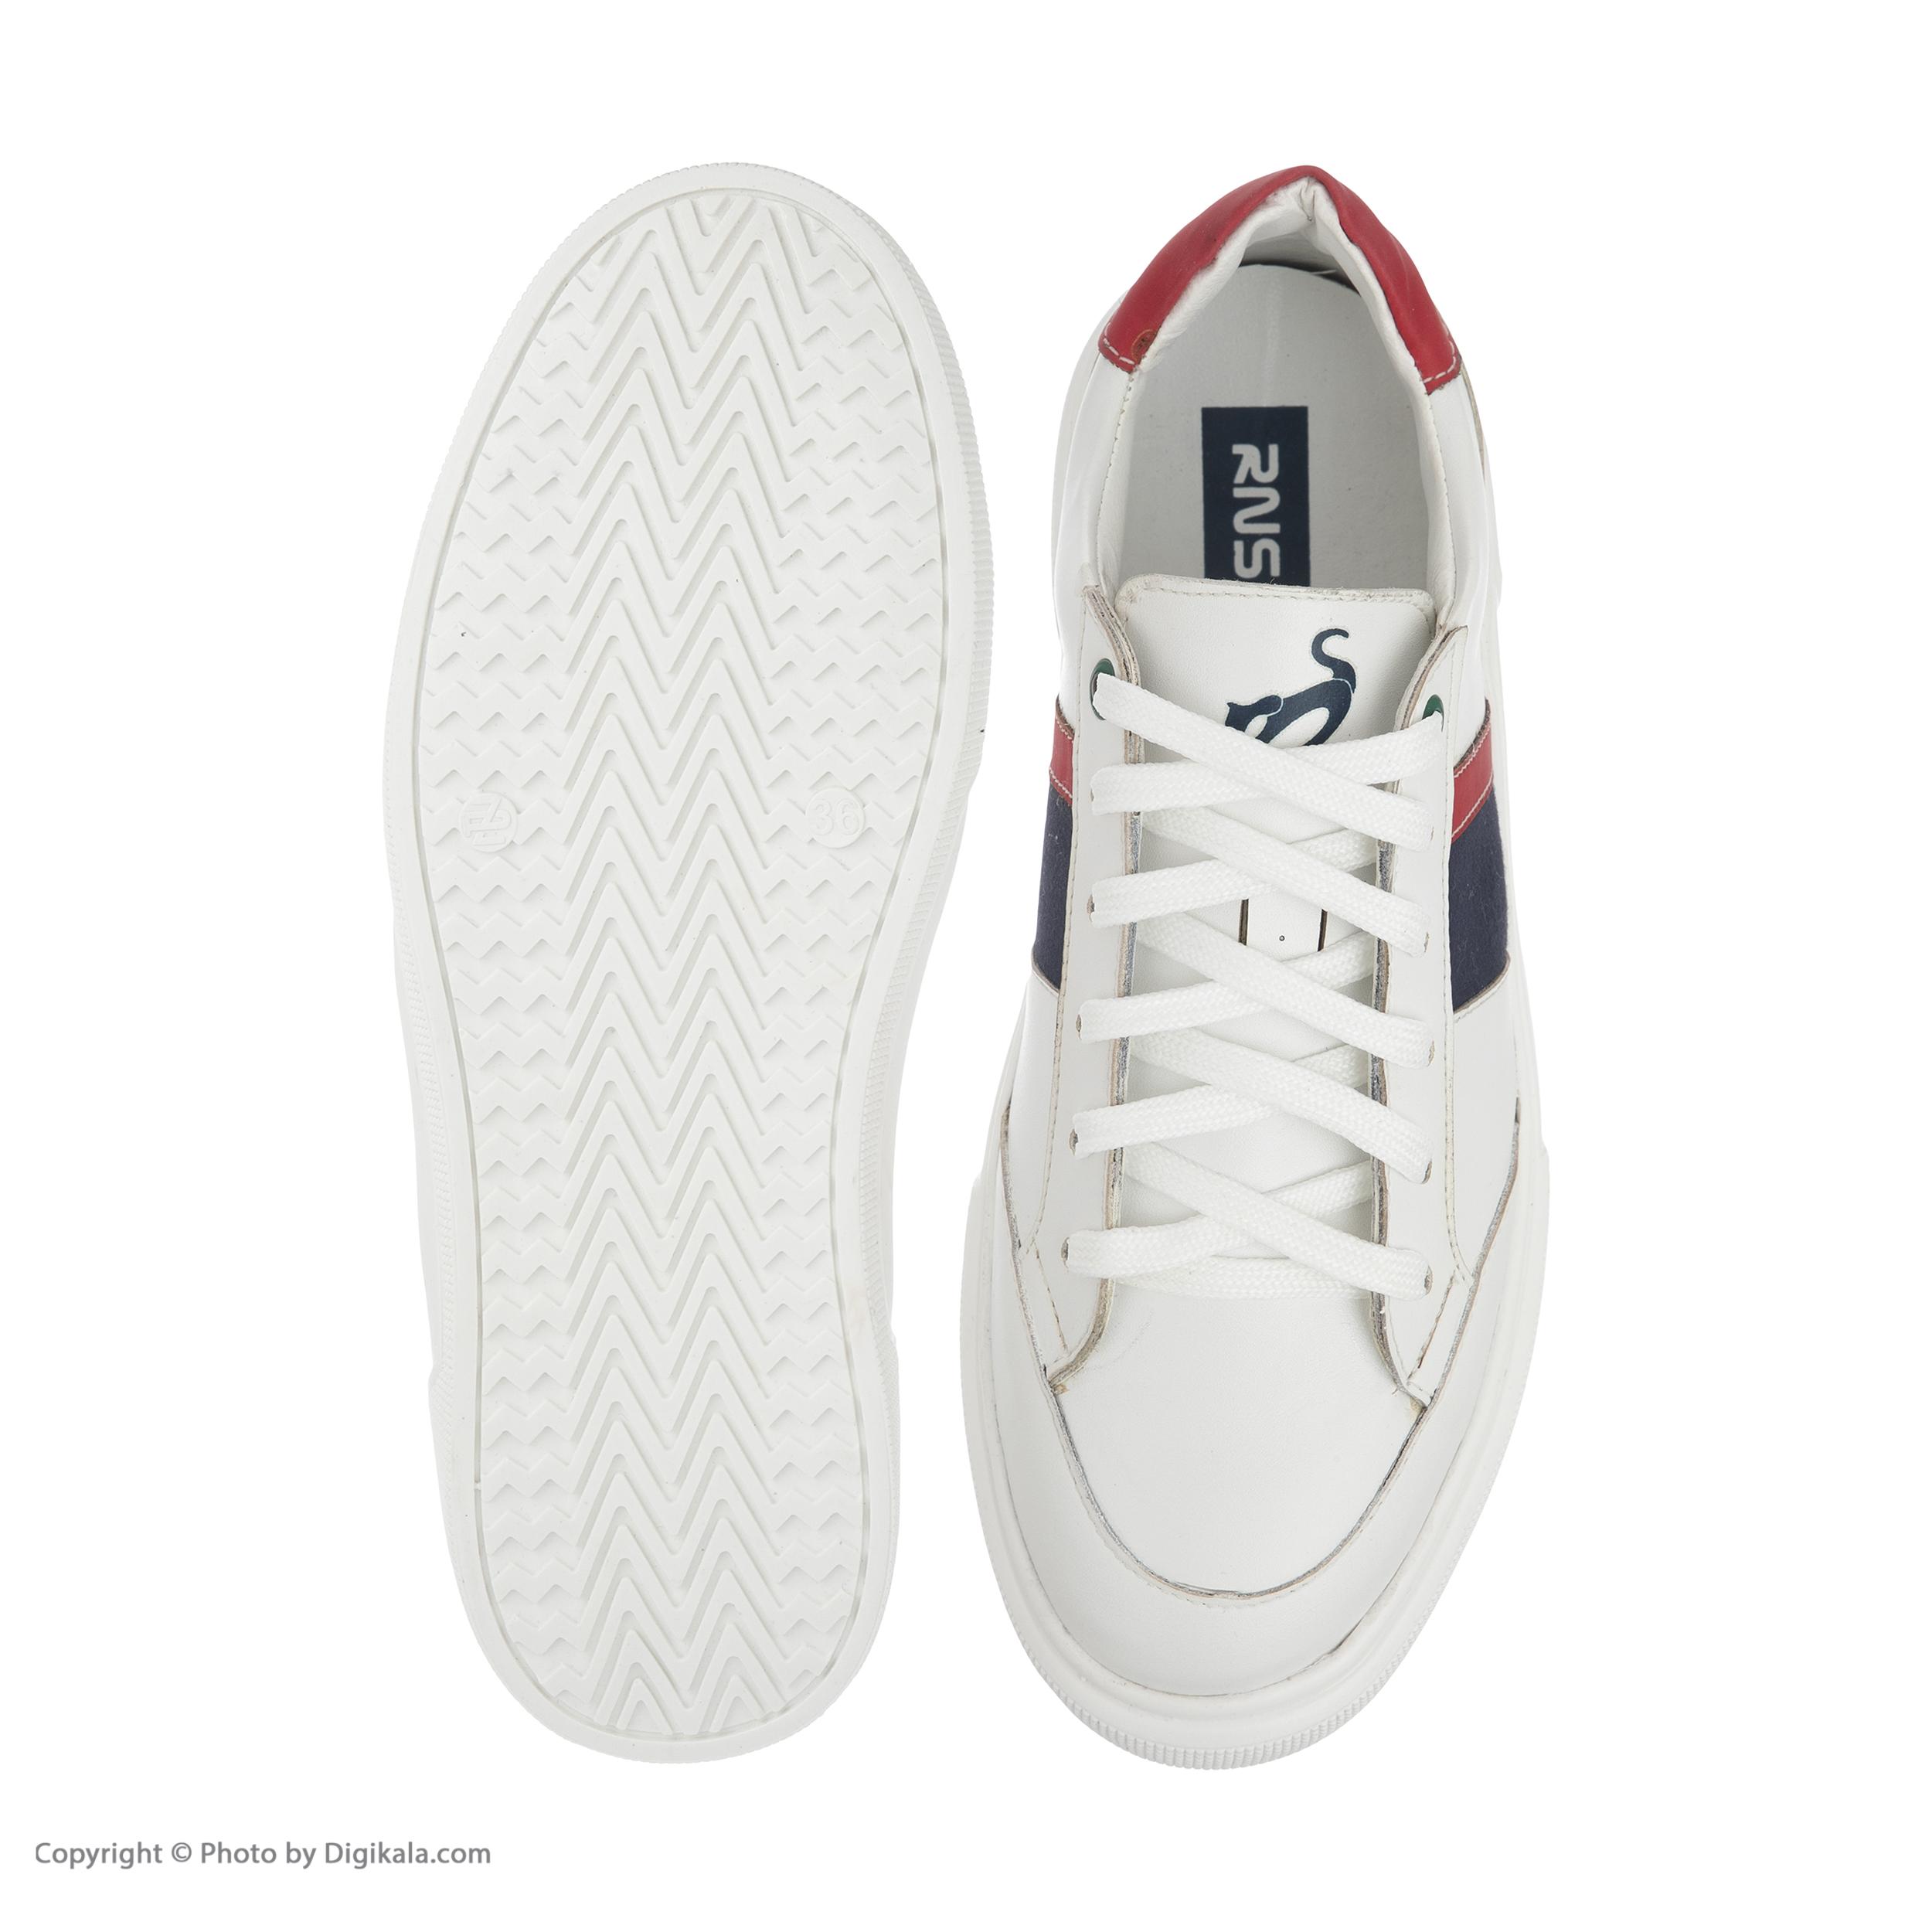 کفش راحتی مردانه آر اِن اِس مدل 113003-01 main 1 2